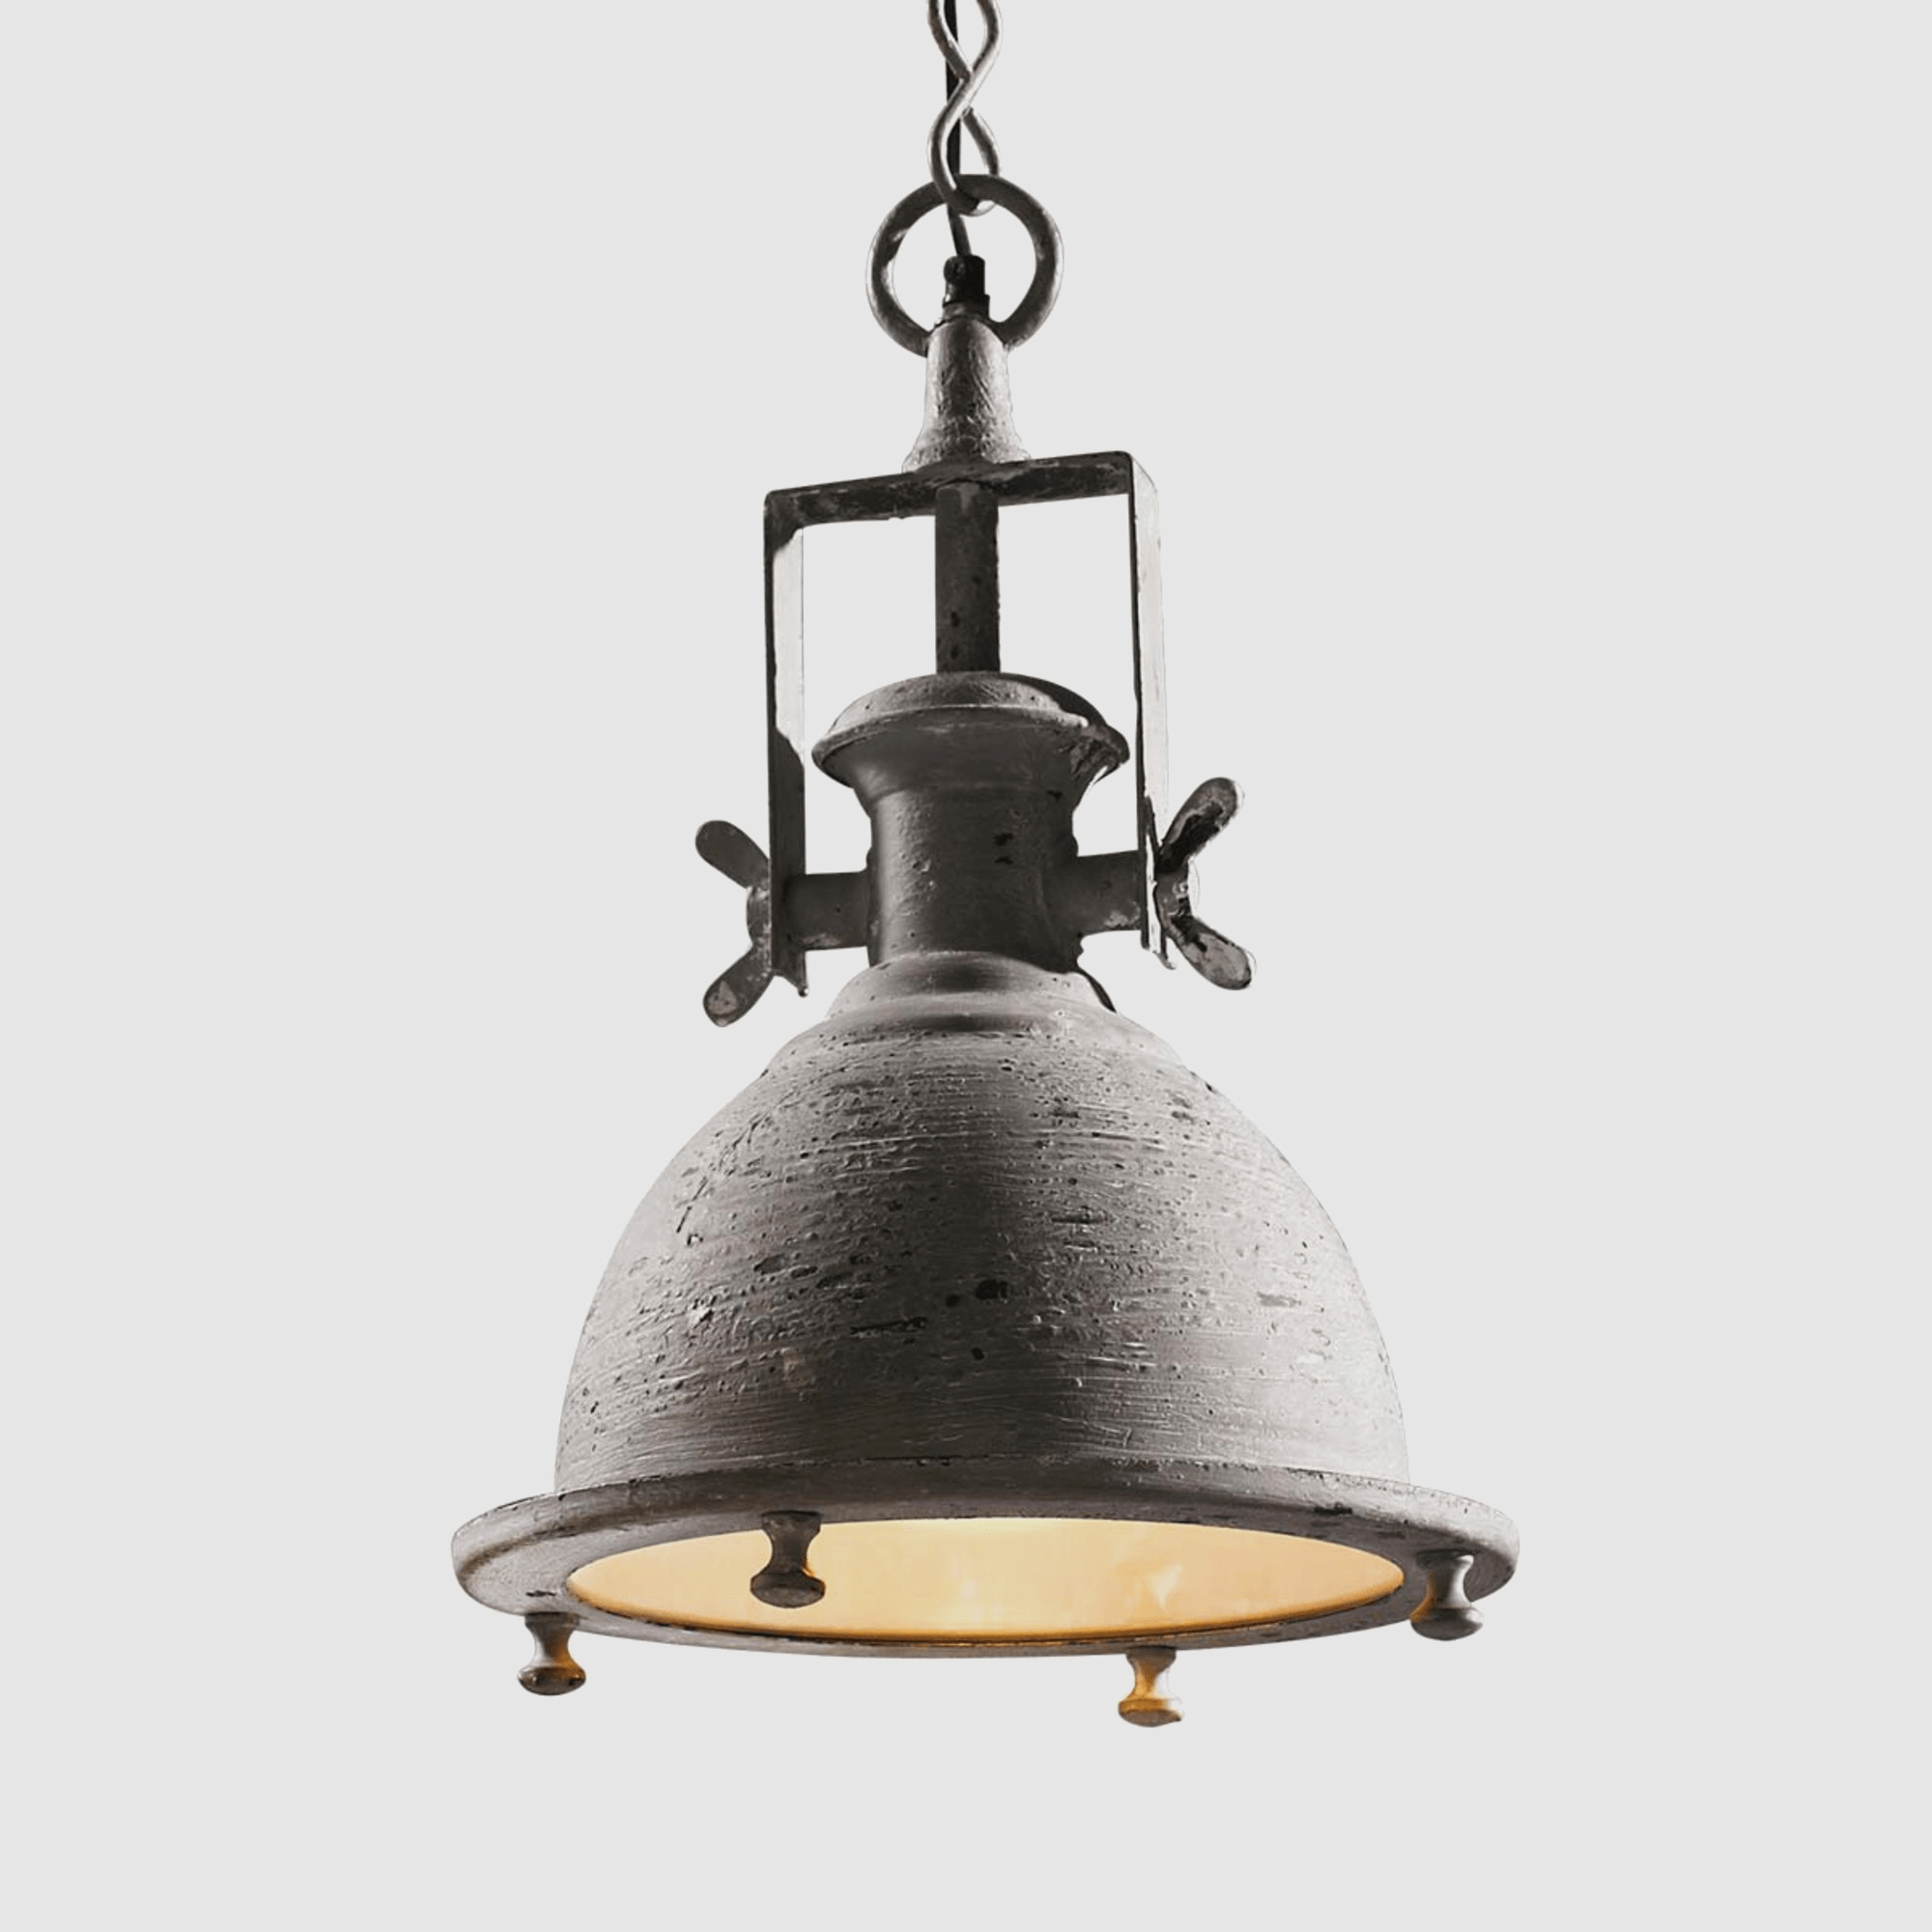 Schlafzimmer lampe antik design ideen (mit Bildern